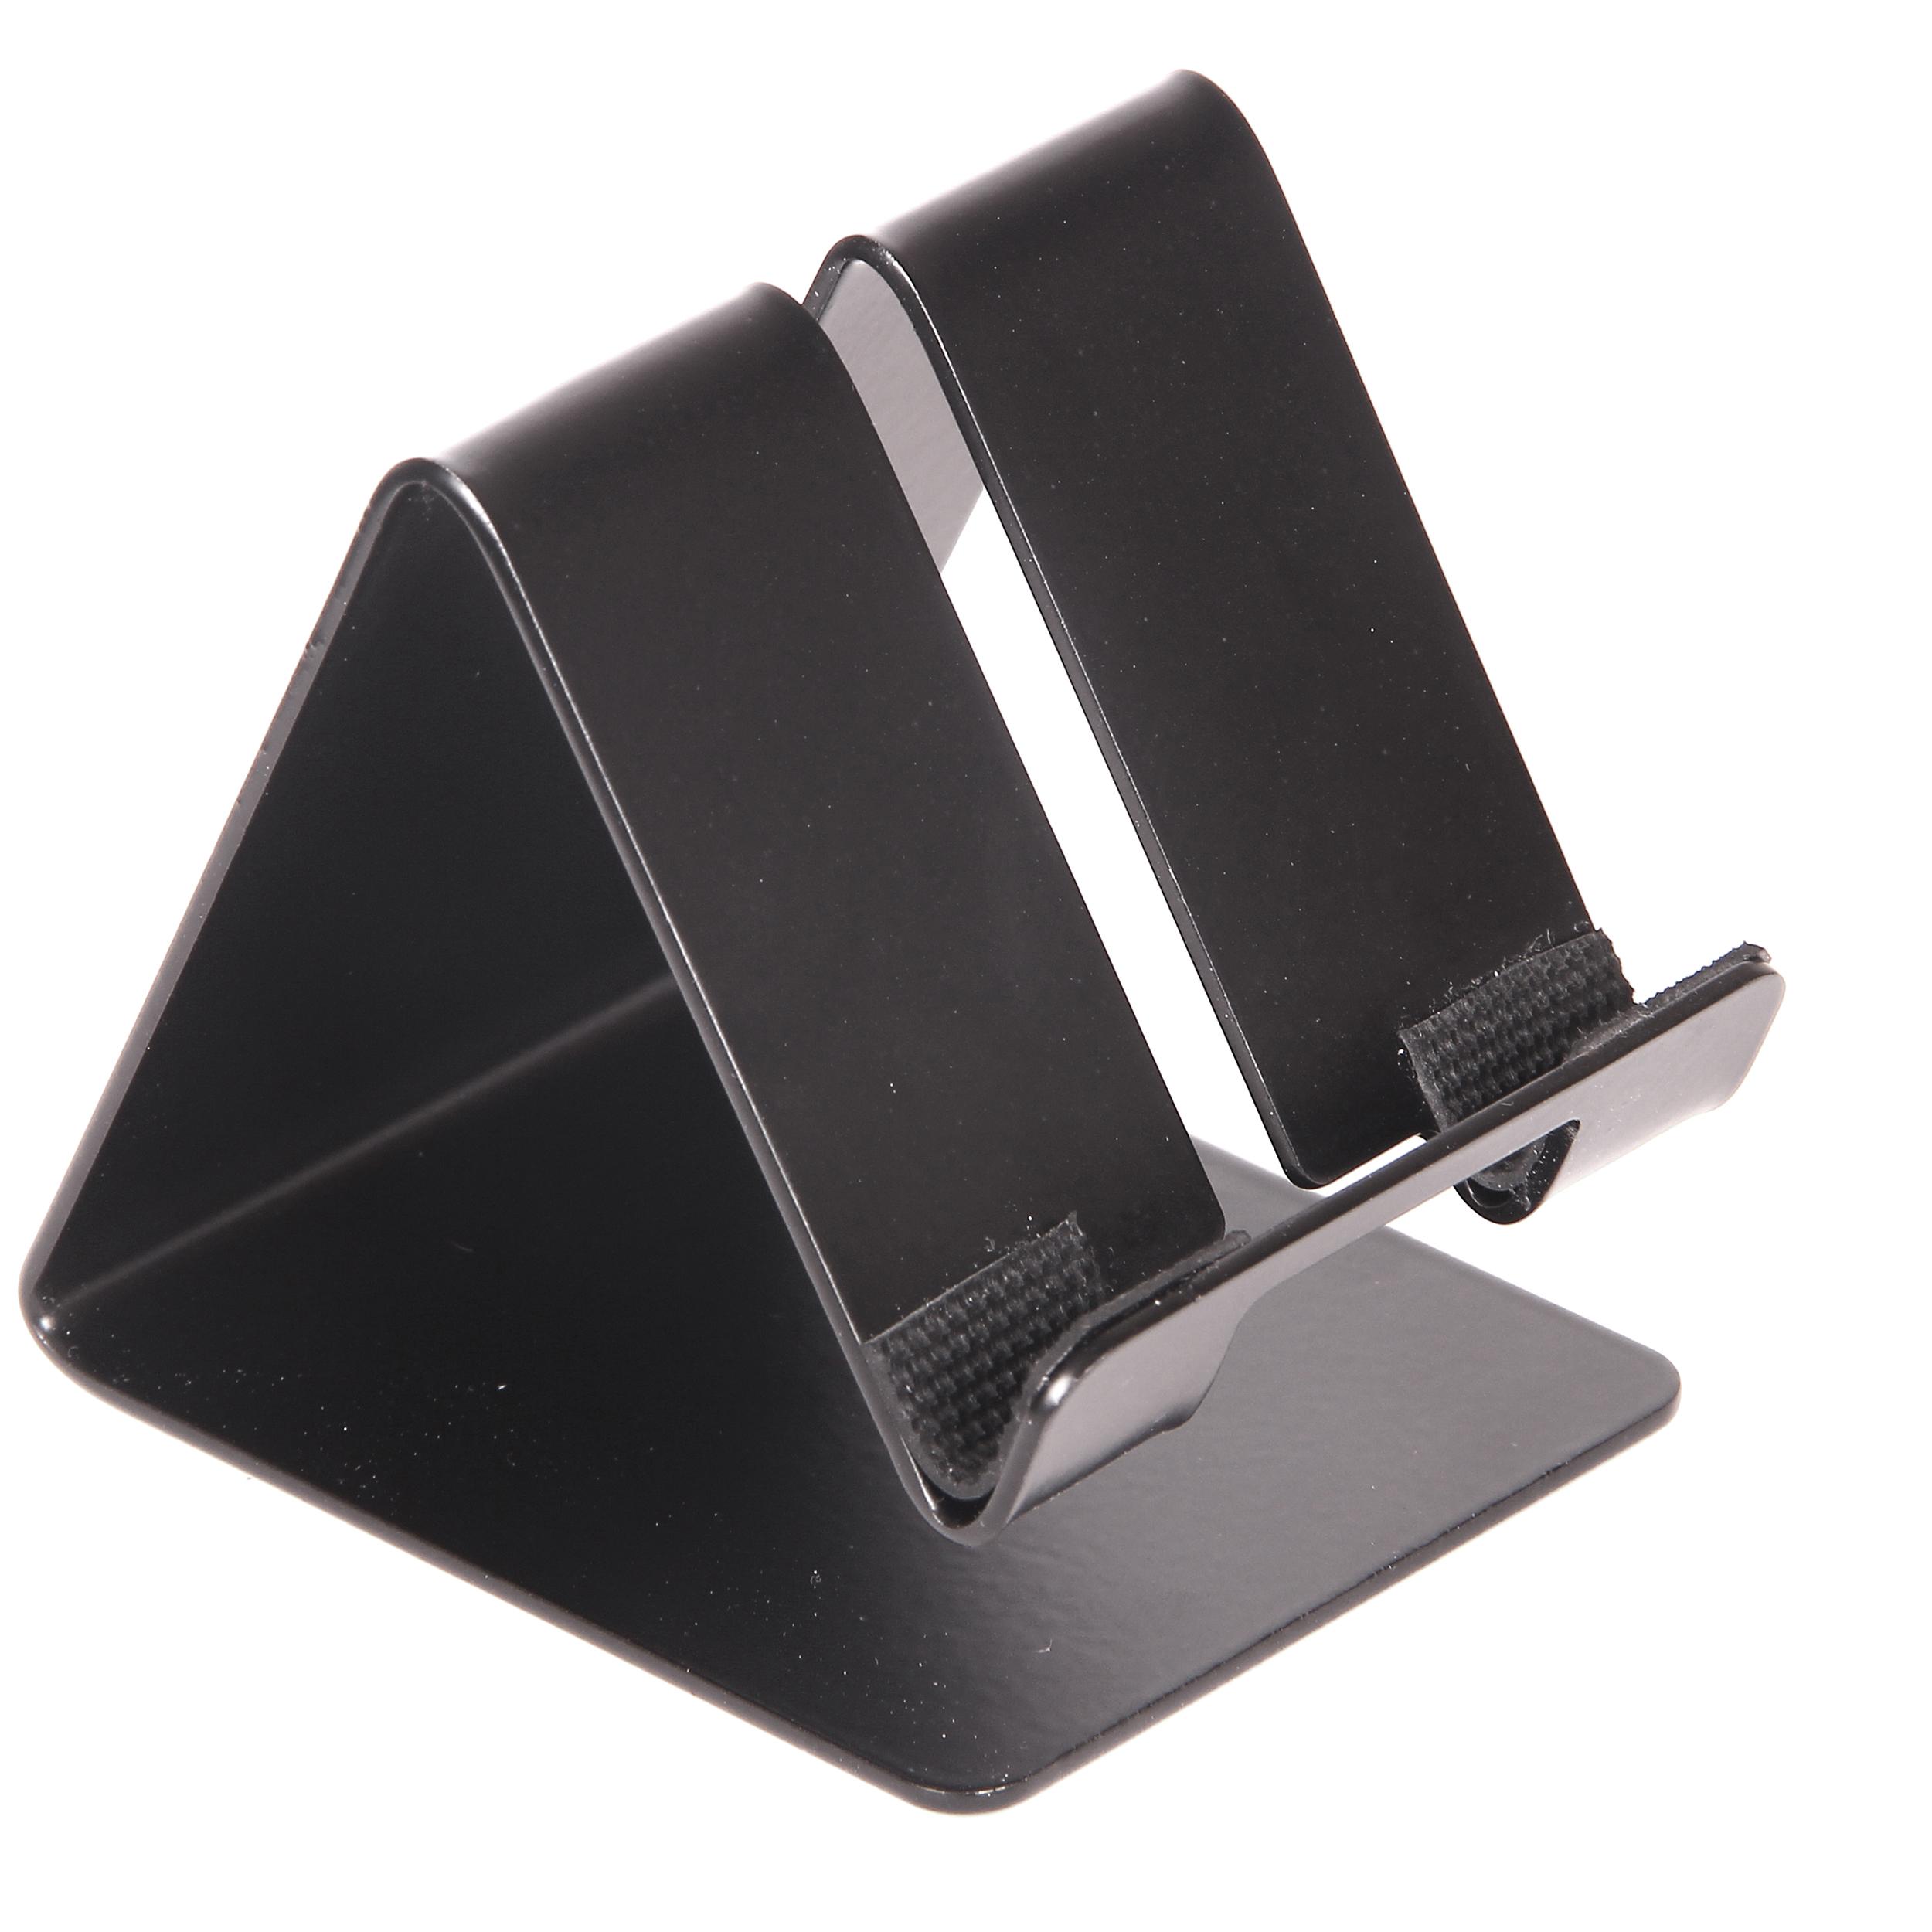 پایه نگهدارنده گوشی موبایل و تبلت کد AZ7